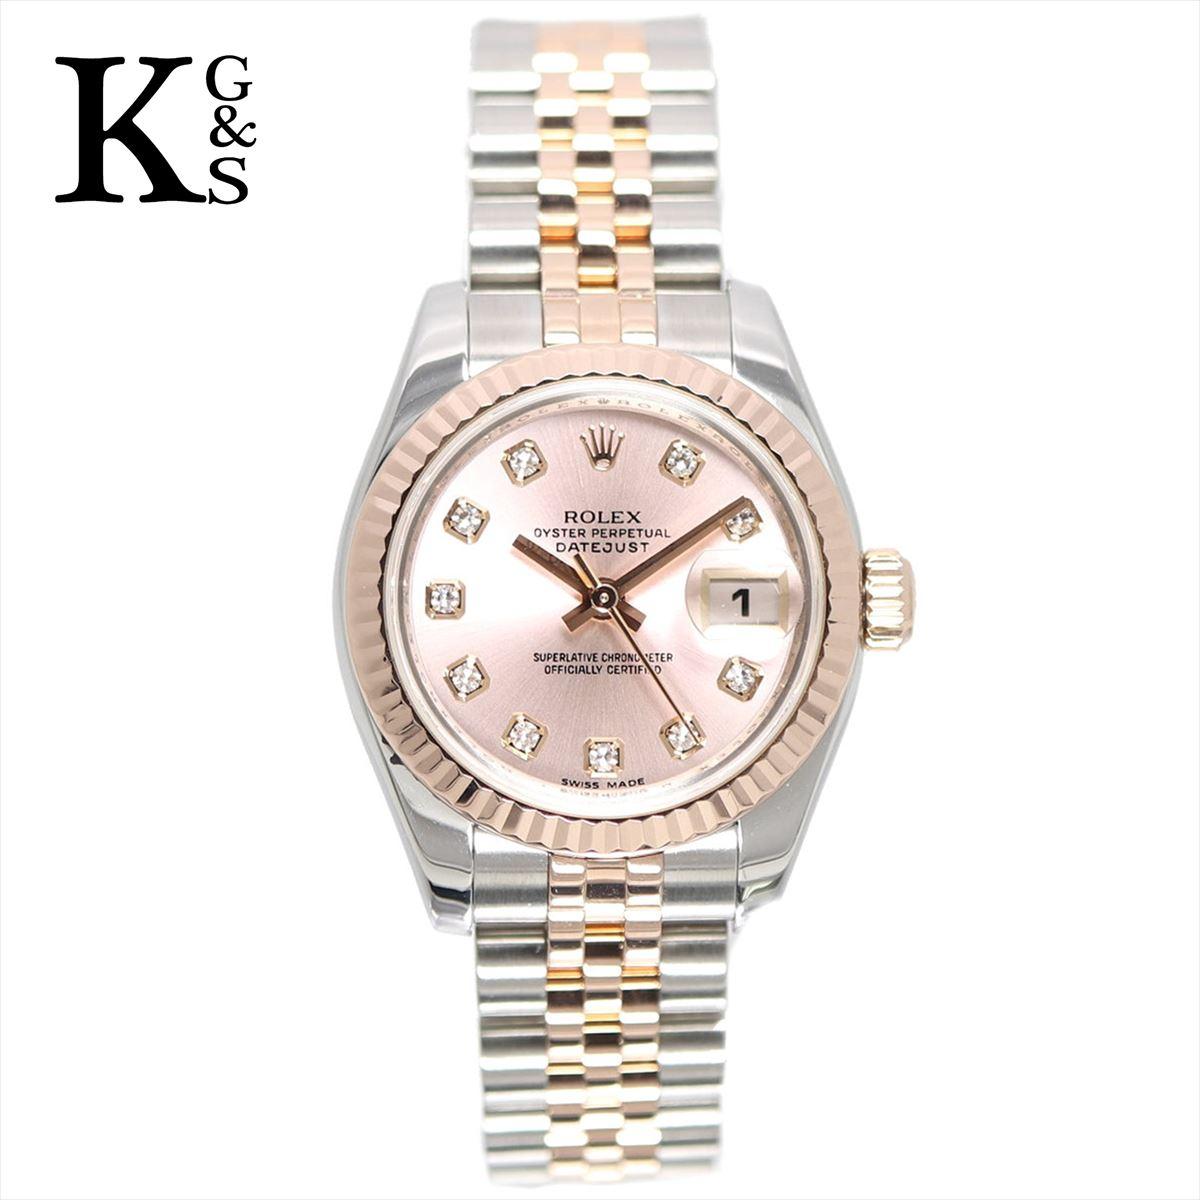 【ギフト品質】ロレックス/ROLEX レディース 腕時計 デイトジャスト ピンク文字盤 エバーローズゴールド 10Pダイヤ×K18PG×ステンレススチール 自動巻き オートマティック 179171G